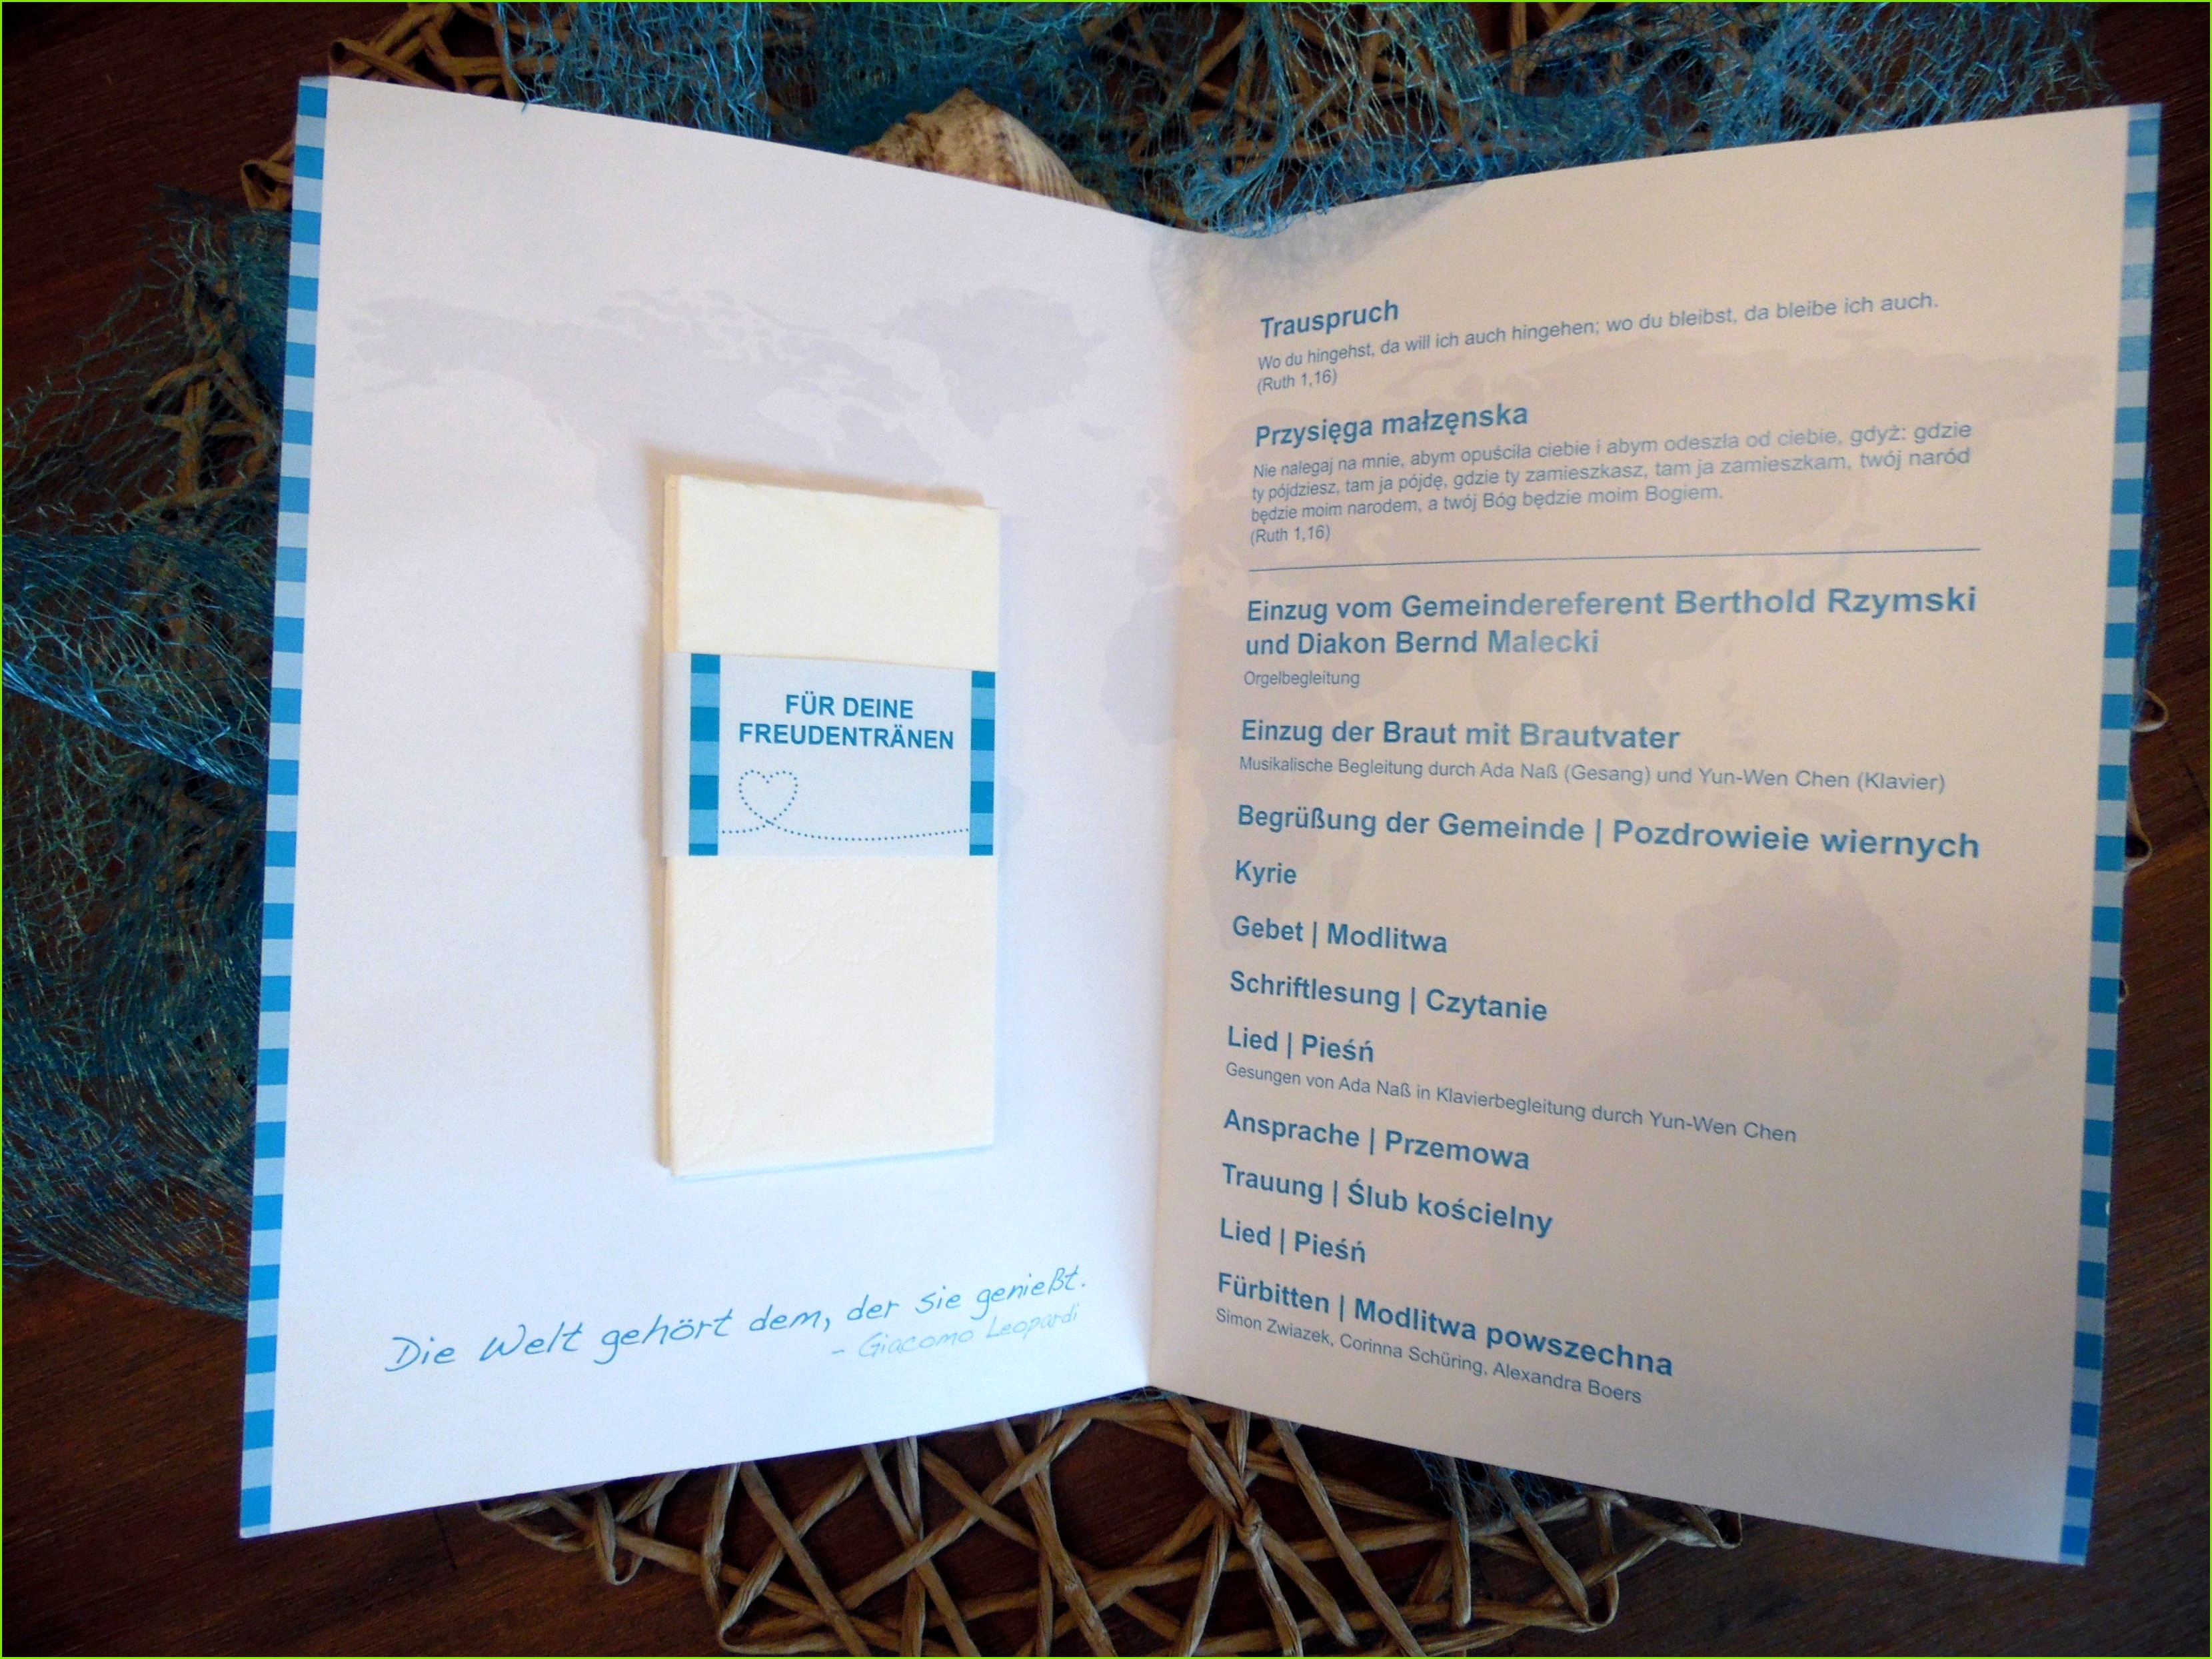 Hochzeitseinladung Mit Taufe Einzigartig Kirchenheft Hochzeit Vorlage Word Hochzeitseinladung Mit Taufe Schön Einladung Taufe Vorlage